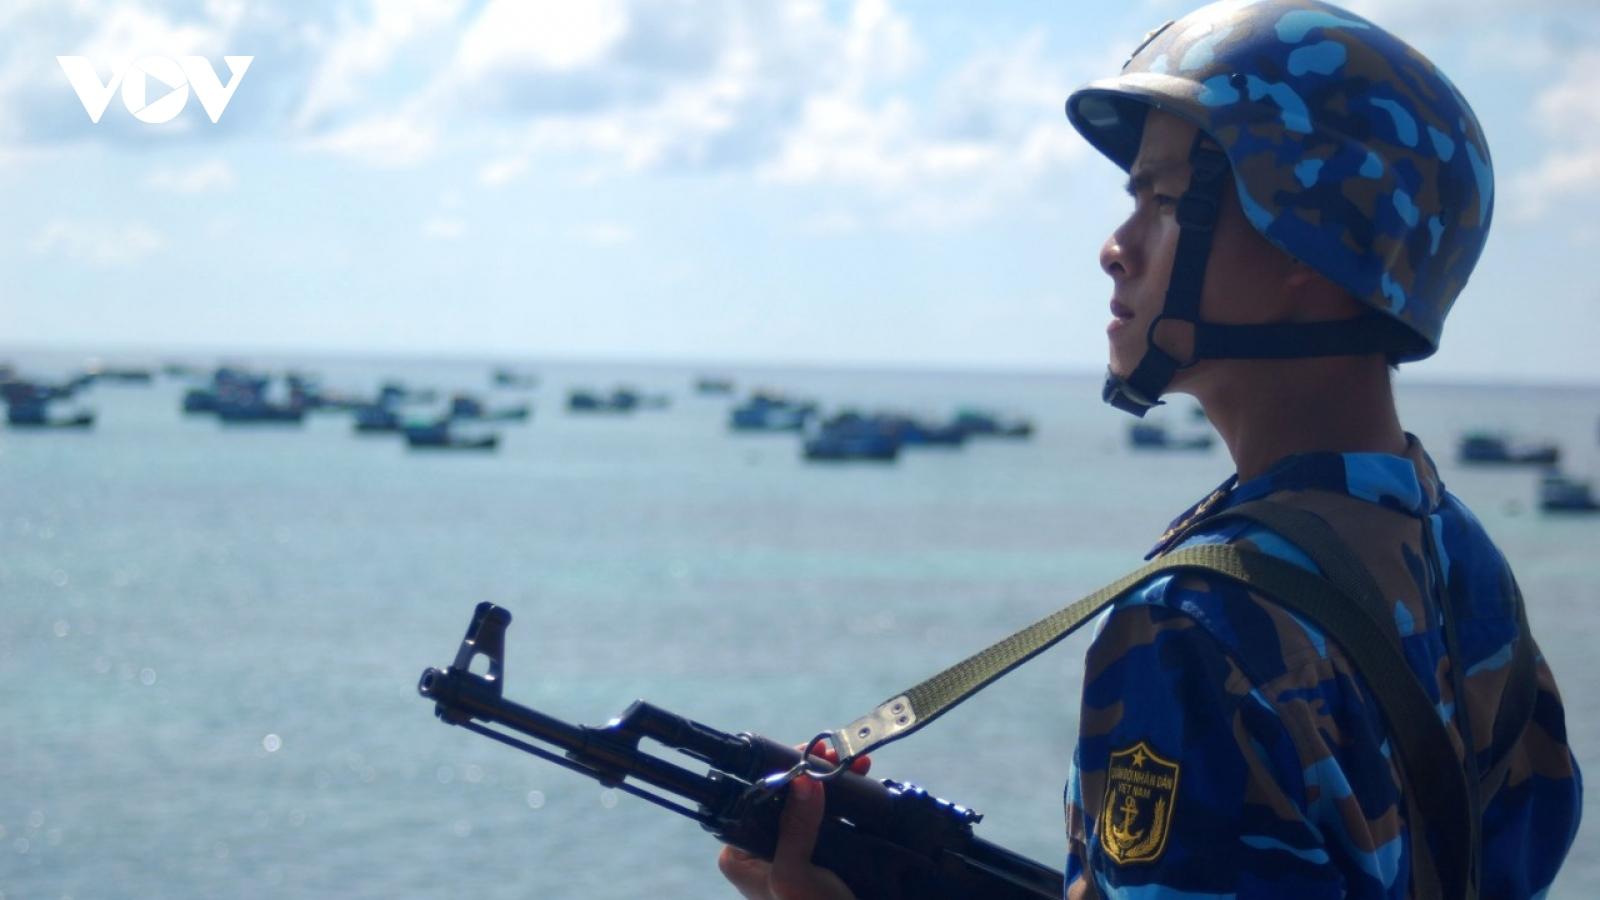 Chiến thắng trận đầu truyền lửa cho các thế hệ cán bộ, chiến sĩ Hải quân